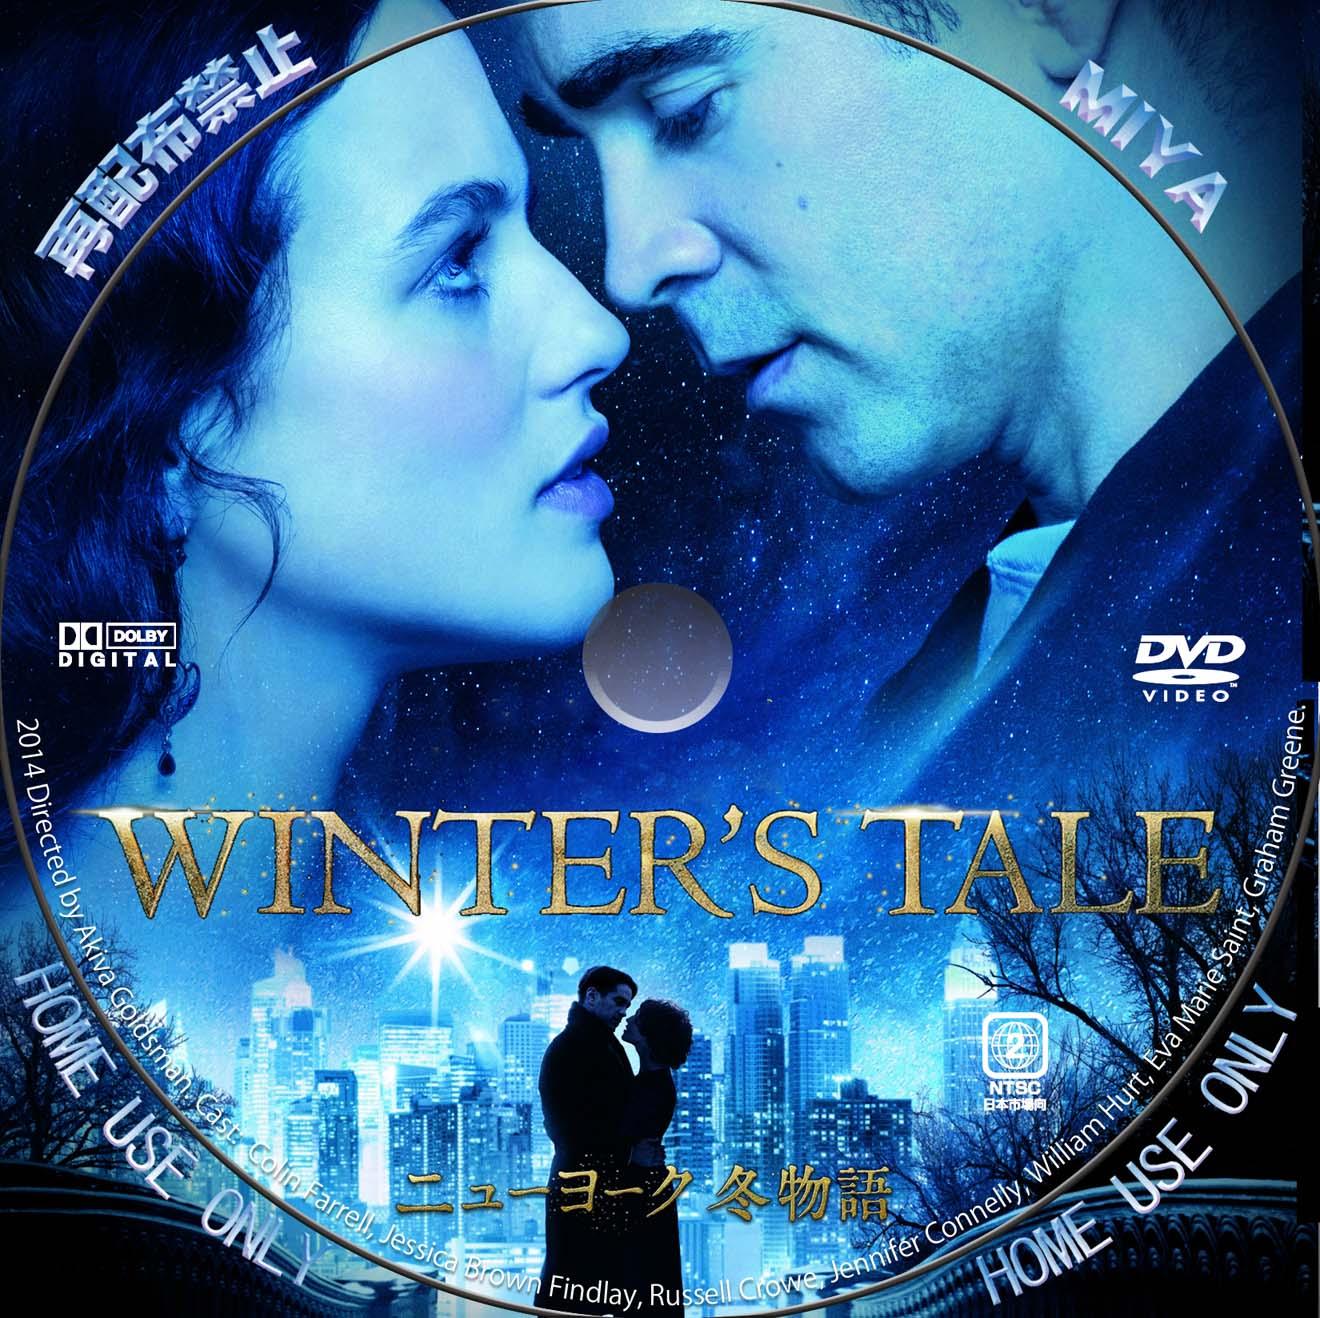 ニューヨーク 冬物語